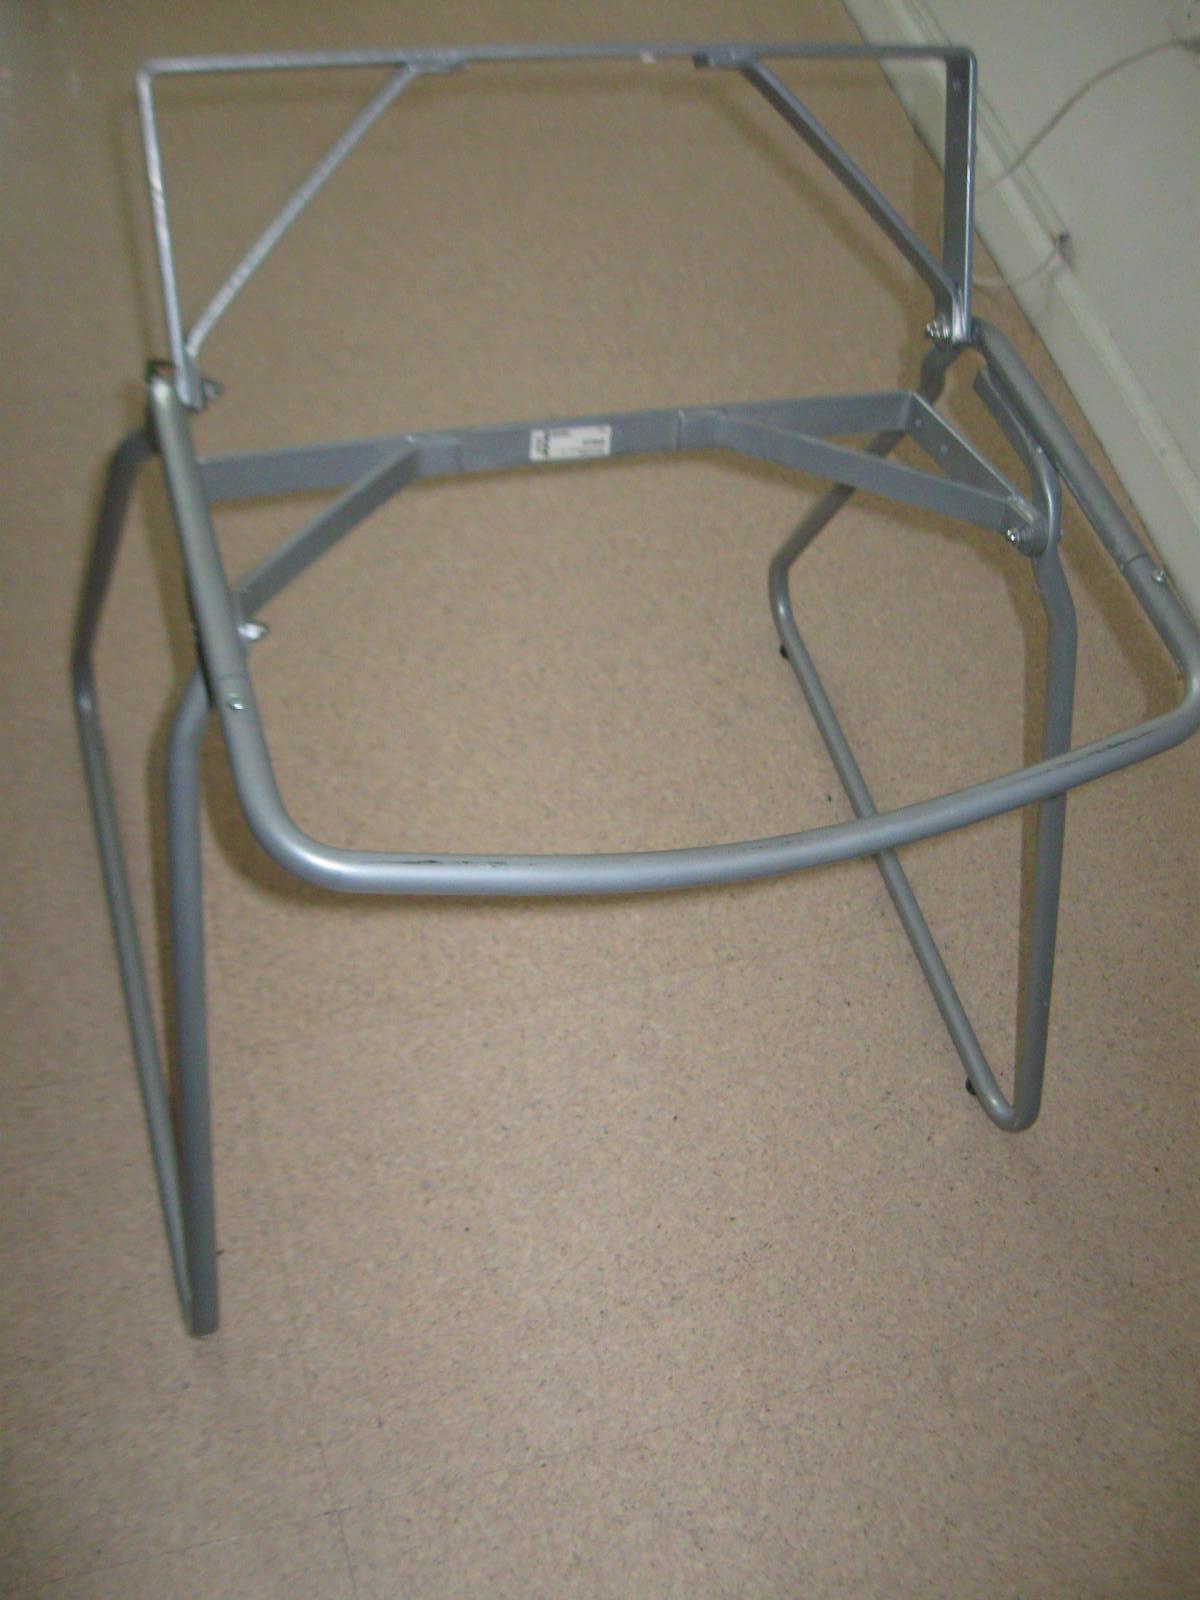 Bubolina Amp Bublico Blog Ikea Hack